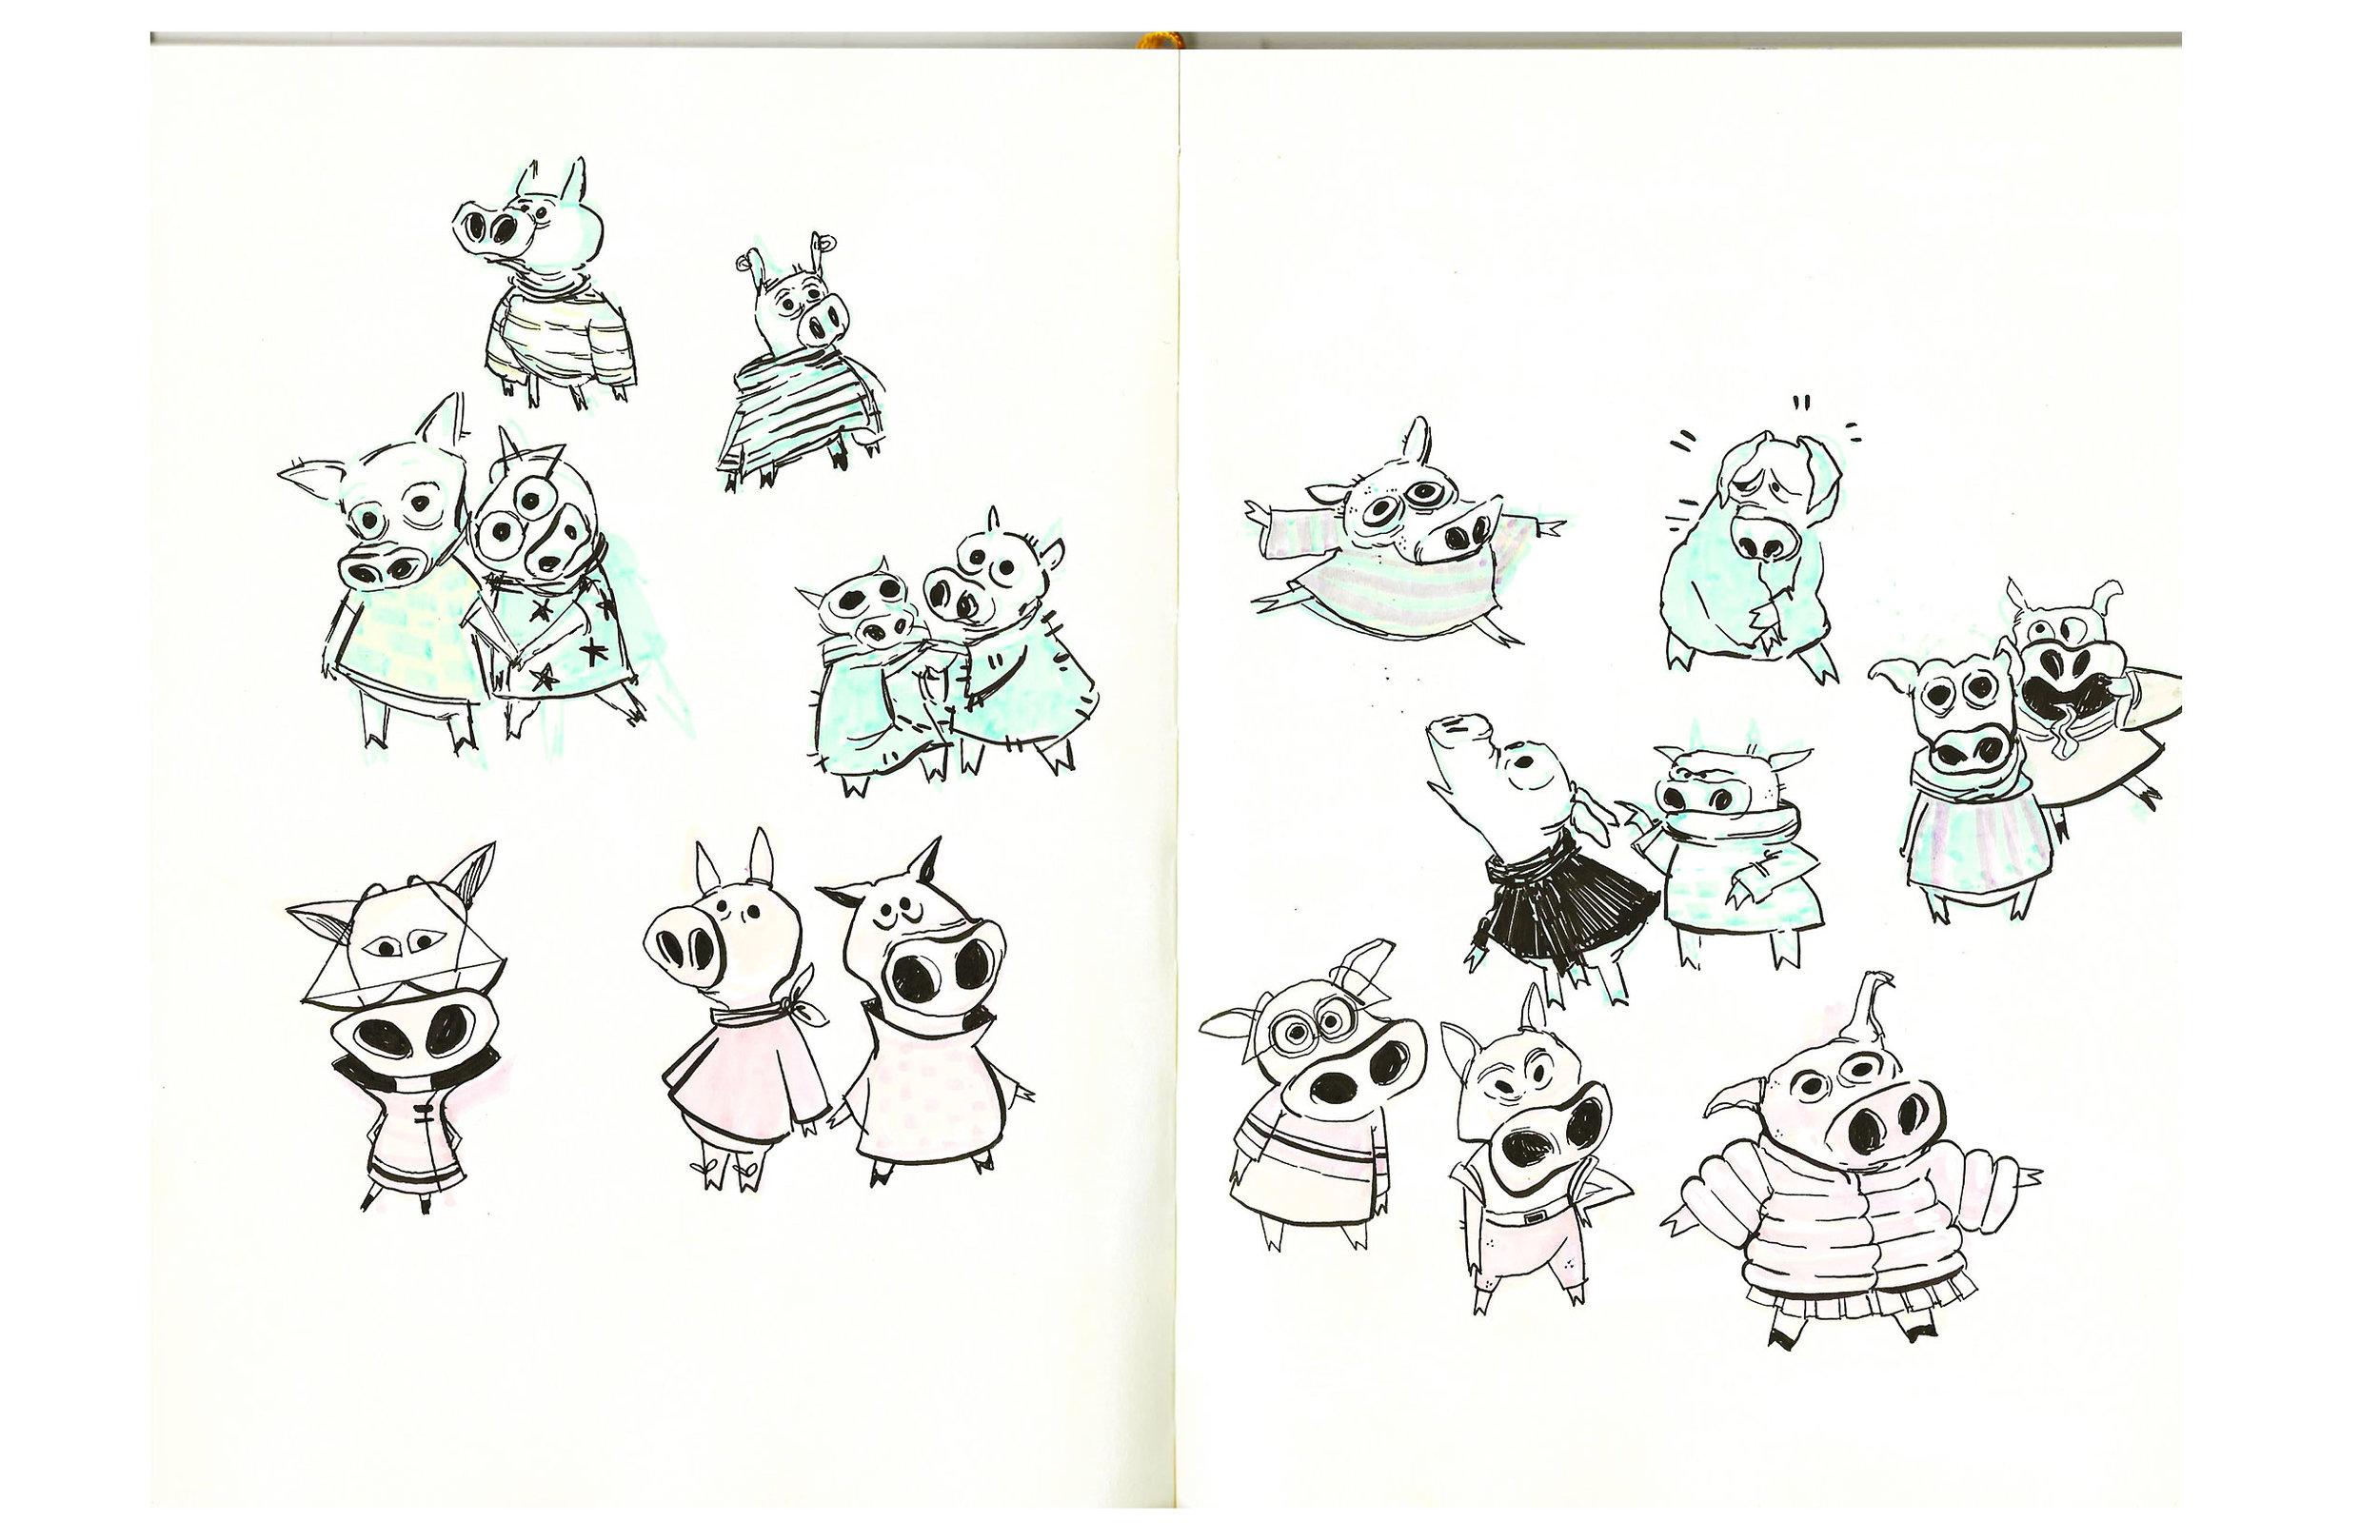 pig-sketches.jpg